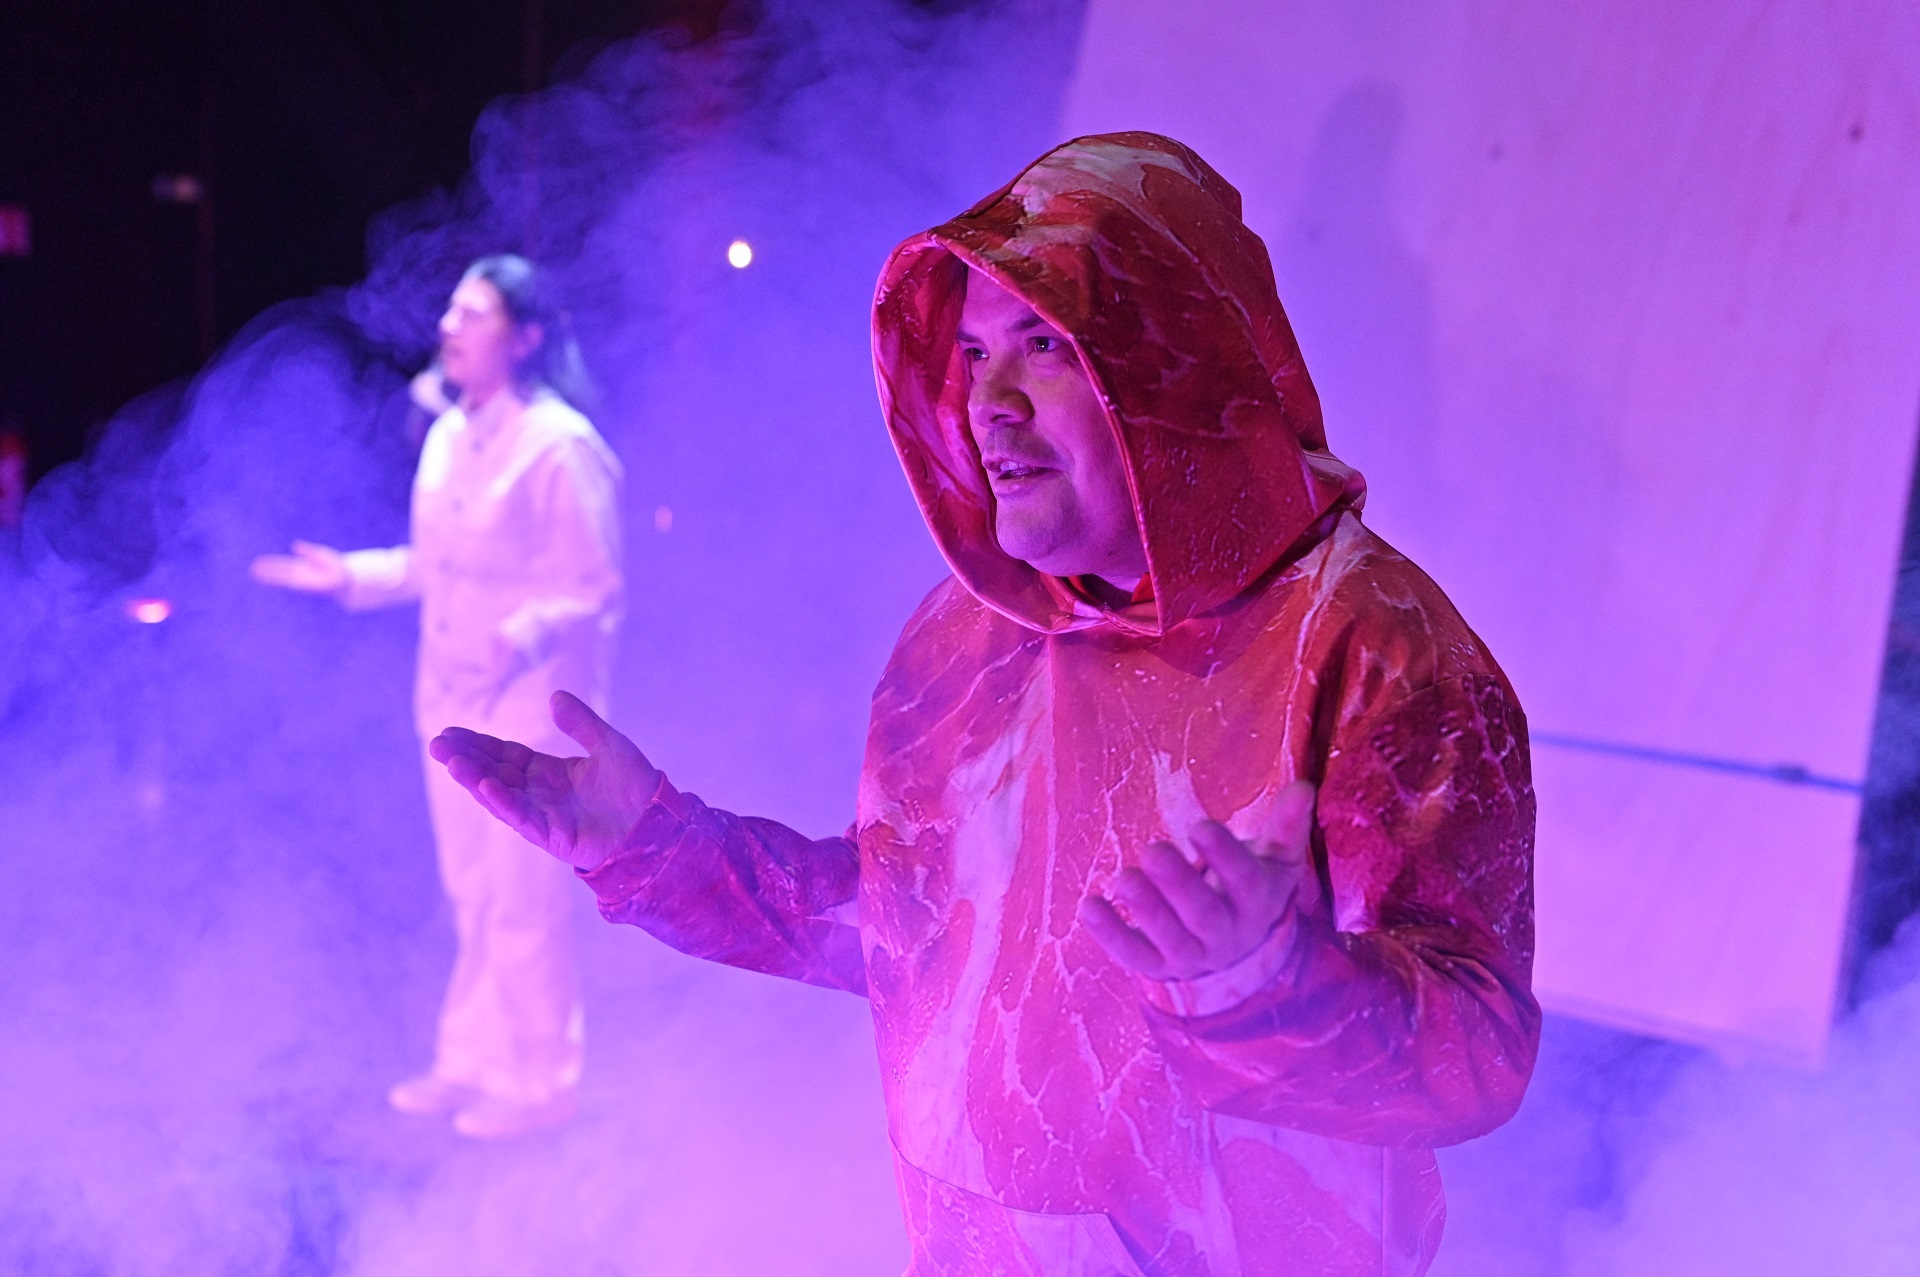 Dans ce spectacle proposé par le théâtre d'Arles, Michel Schweizer dirige les comédiens de la compagnie L'Oiseau-Mouche dans une création incisive et décalée.